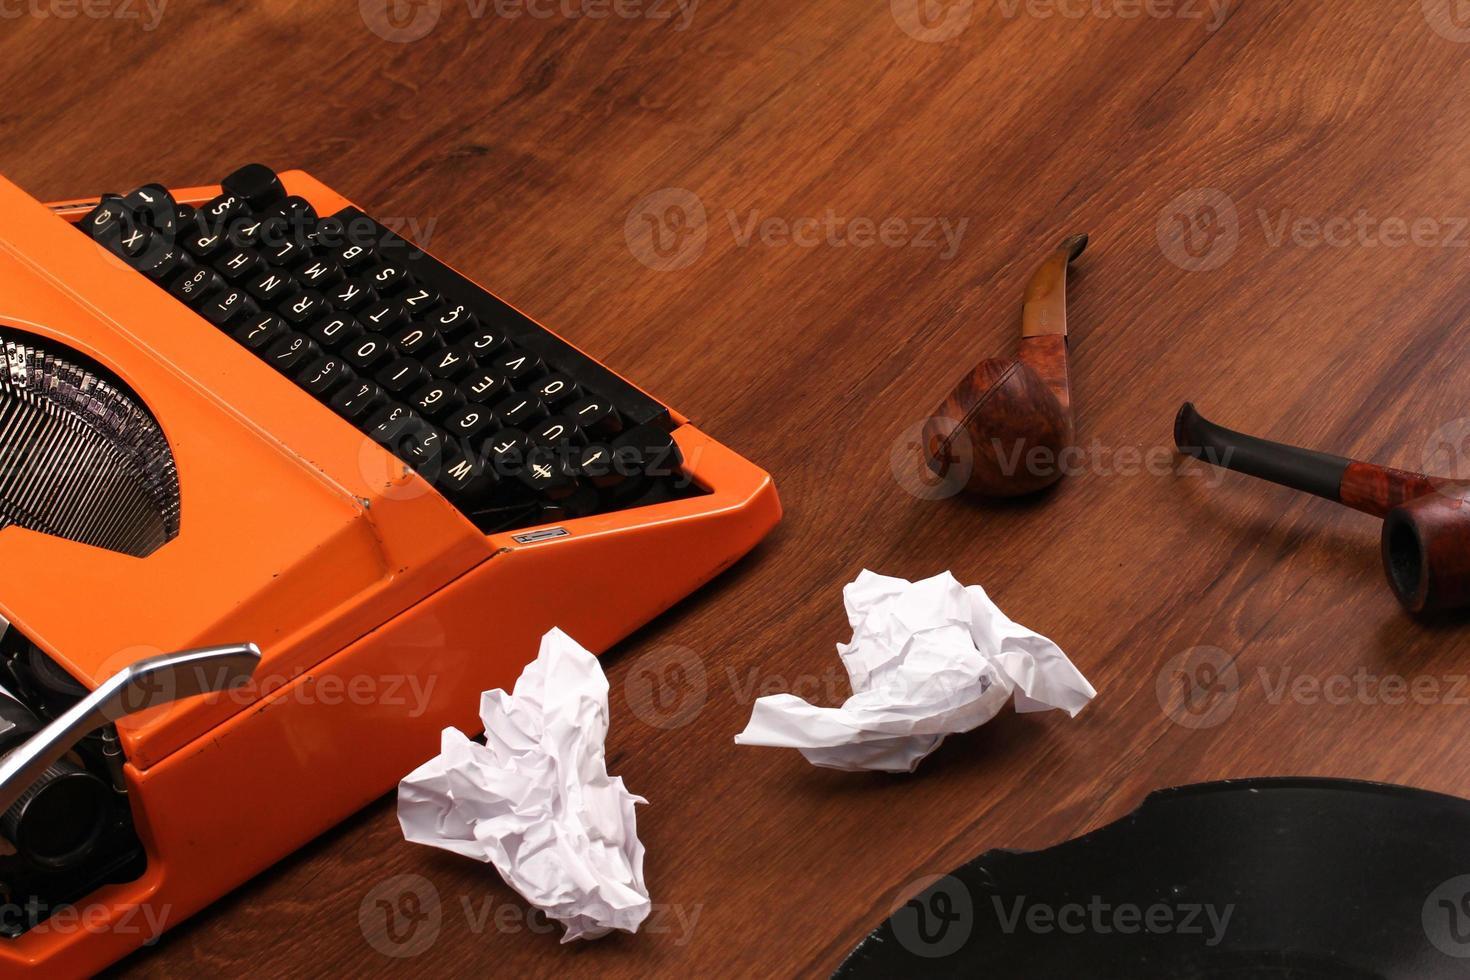 la macchina da scrivere vintage arancione sul legno foto